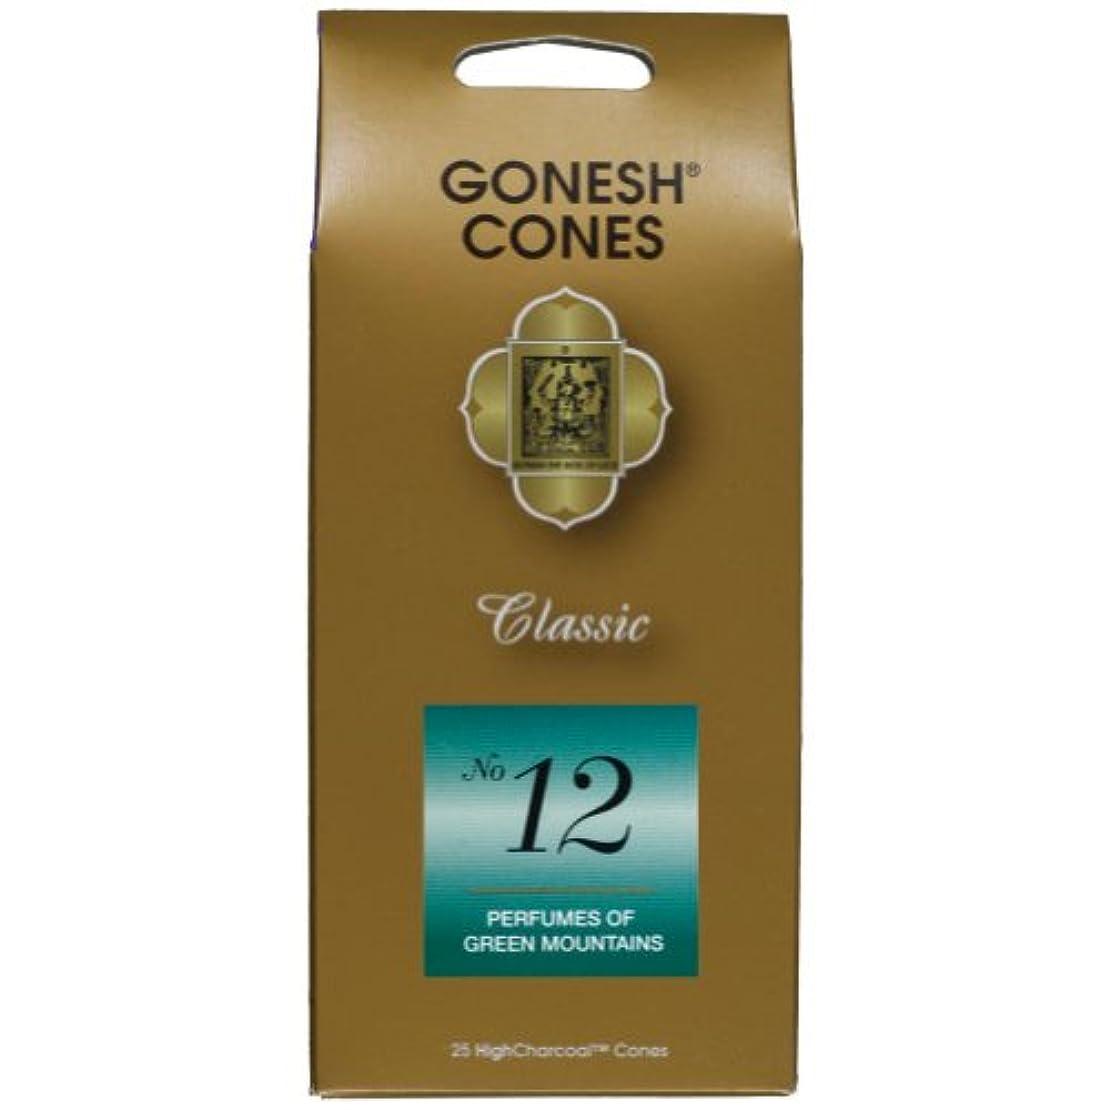 予防接種するカトリック教徒再生可能GONESH インセンス コーン No.12